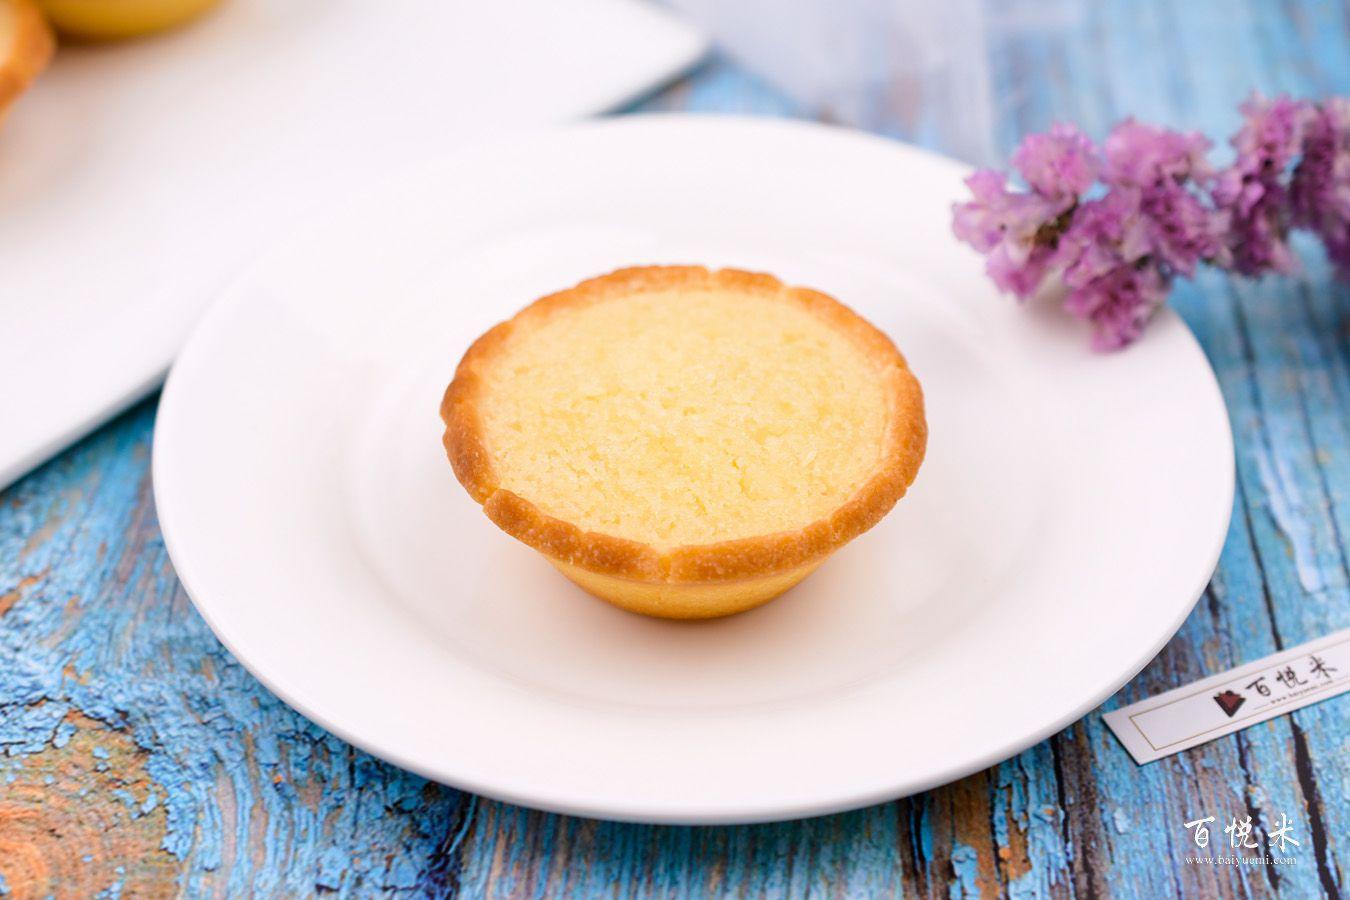 拿酥椰挞的做法大全,拿酥椰挞西点培训图文步骤教程